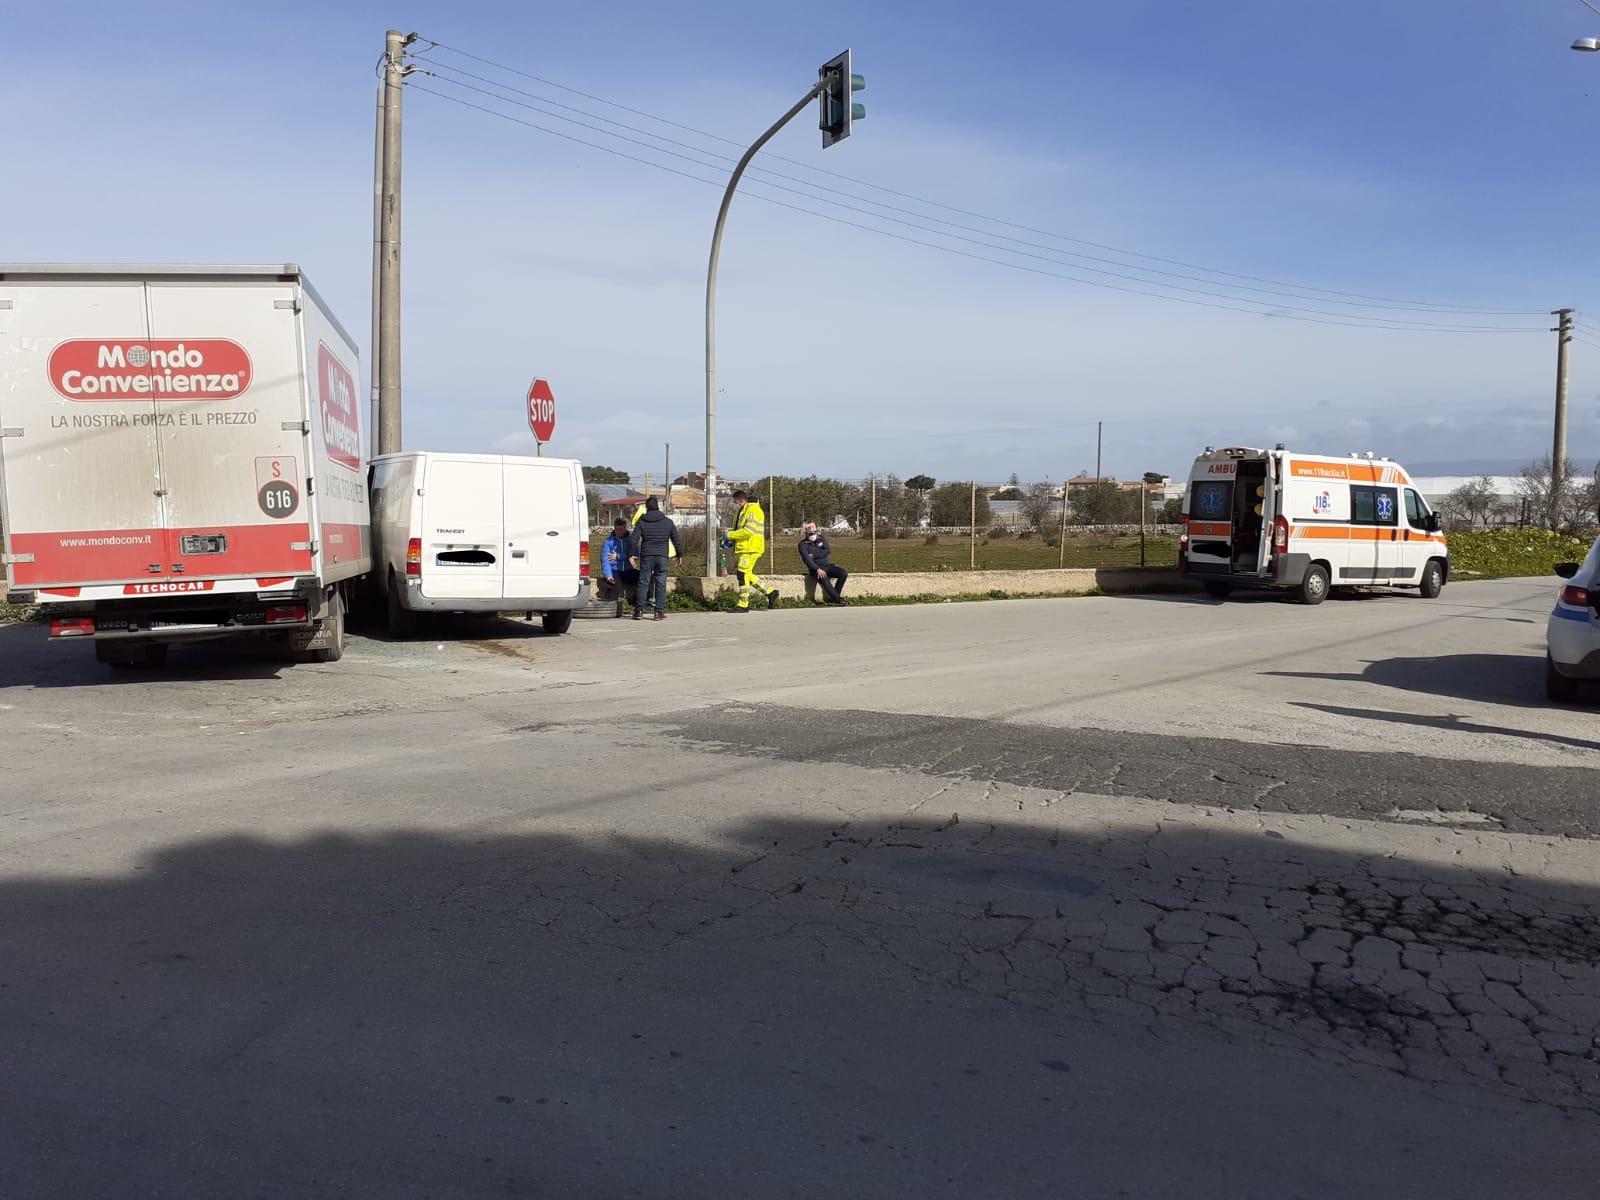 Drammatico incidente tra due mezzi: un ferito in prognosi riservata – Le FOTO